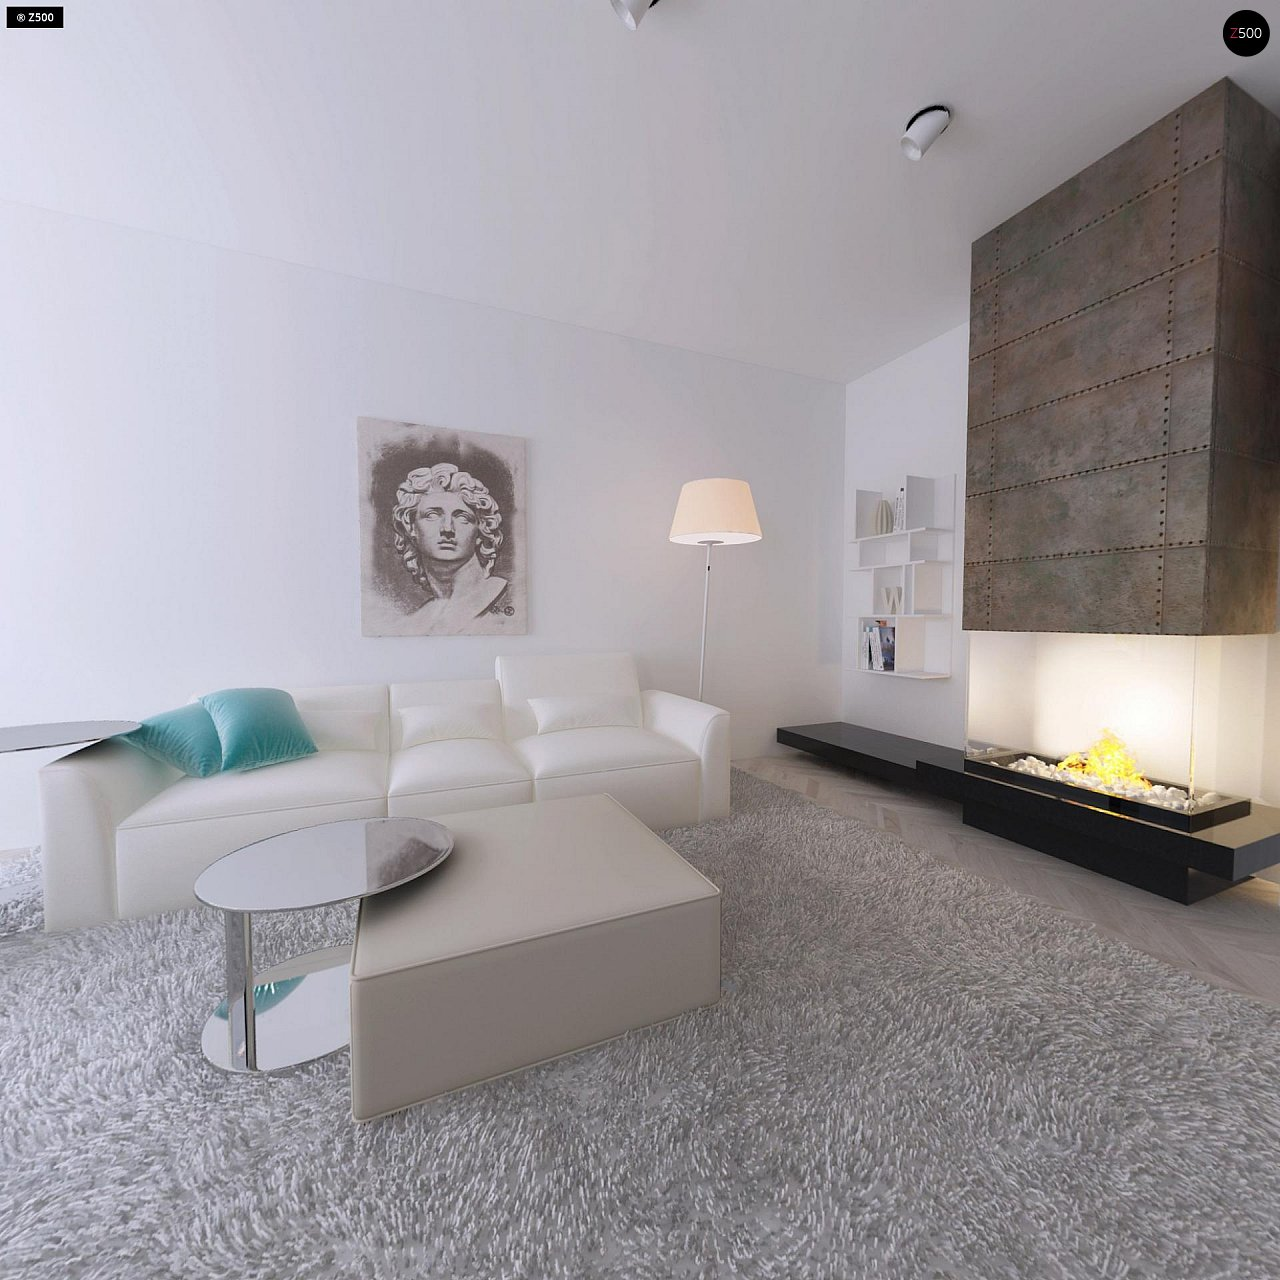 Проект компактного двухэтажного дома строгого современного стиля. - фото 5